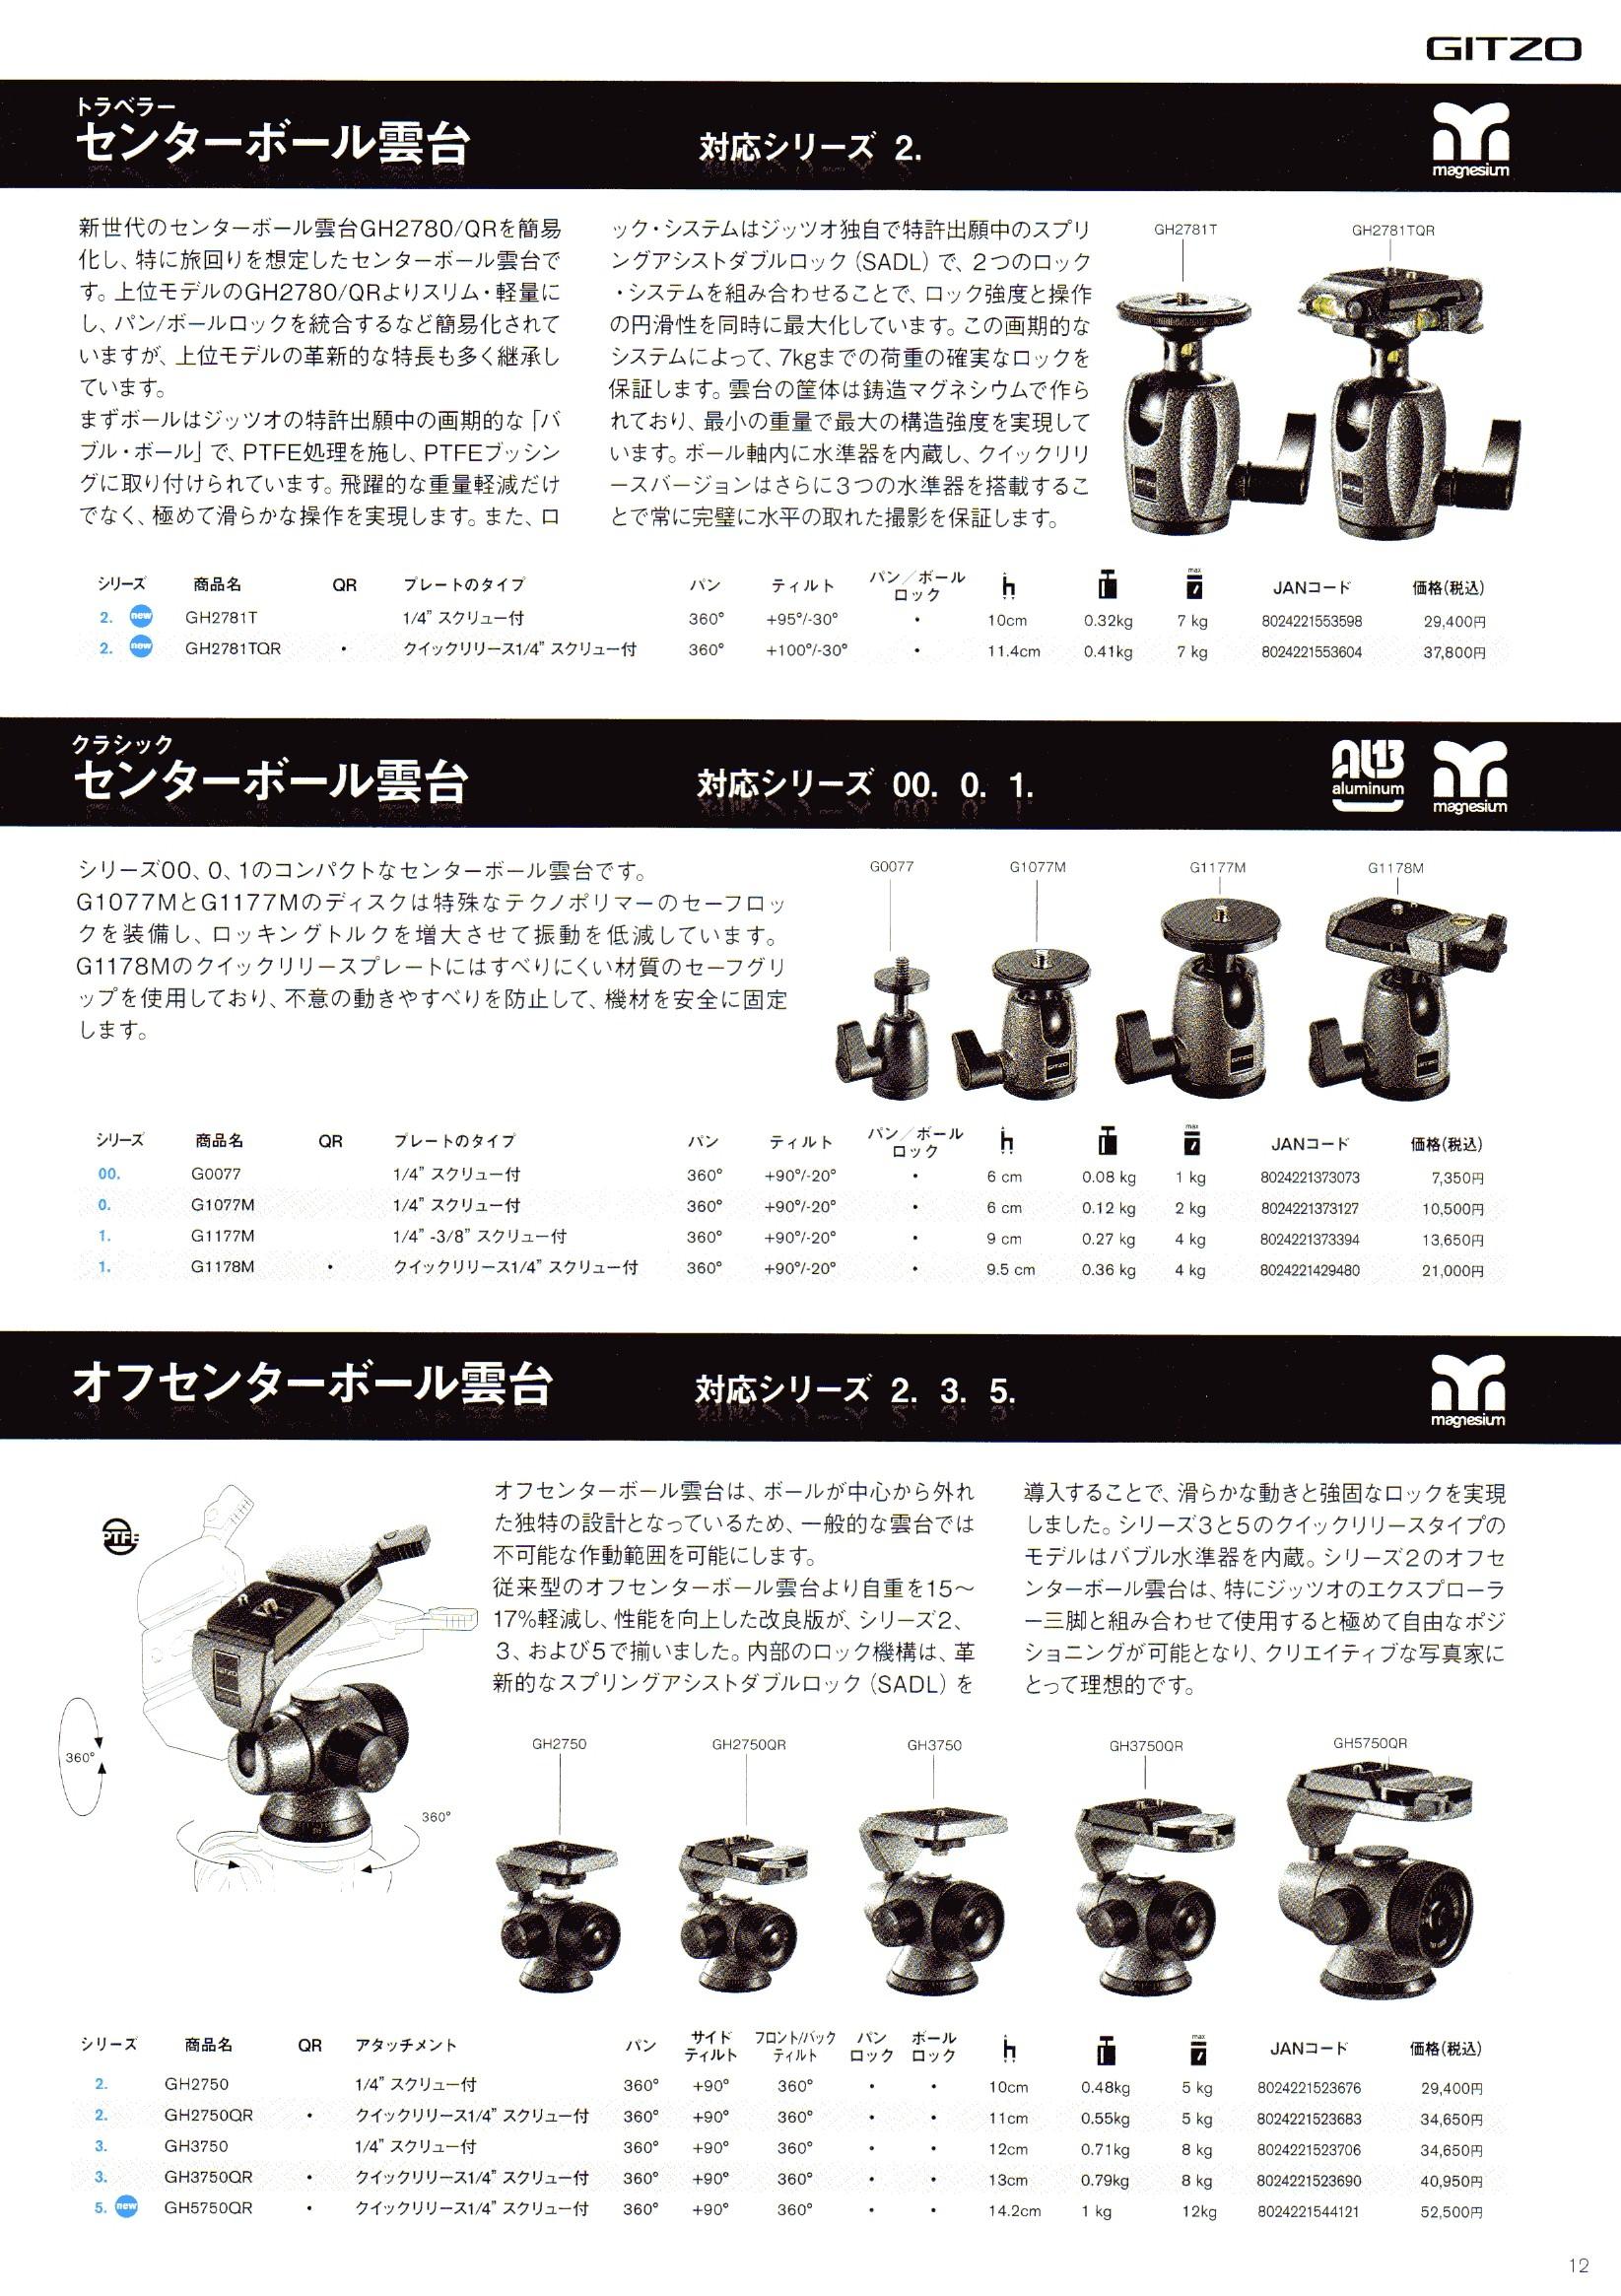 GITZO(ジッツオ/ジッツォ)最新カタログ P012(ボール雲台)